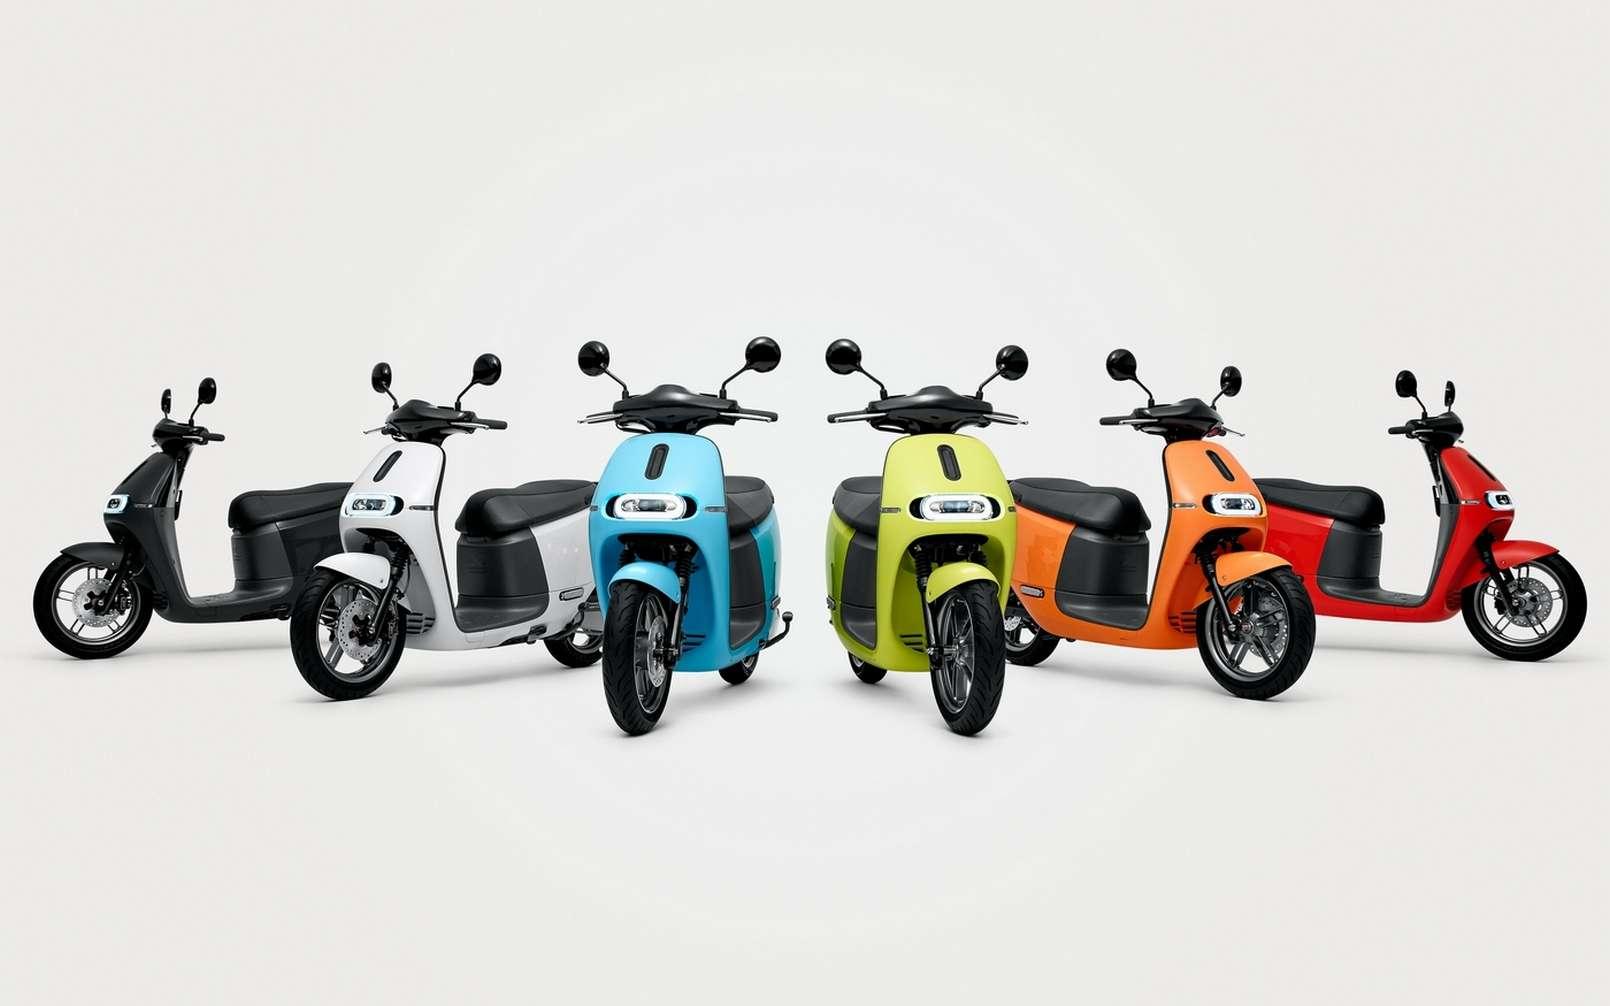 Les scooters électriques Gogoro sont appréciés pour leur look sympa, leurs performances et leur robustesse. © Gogoro